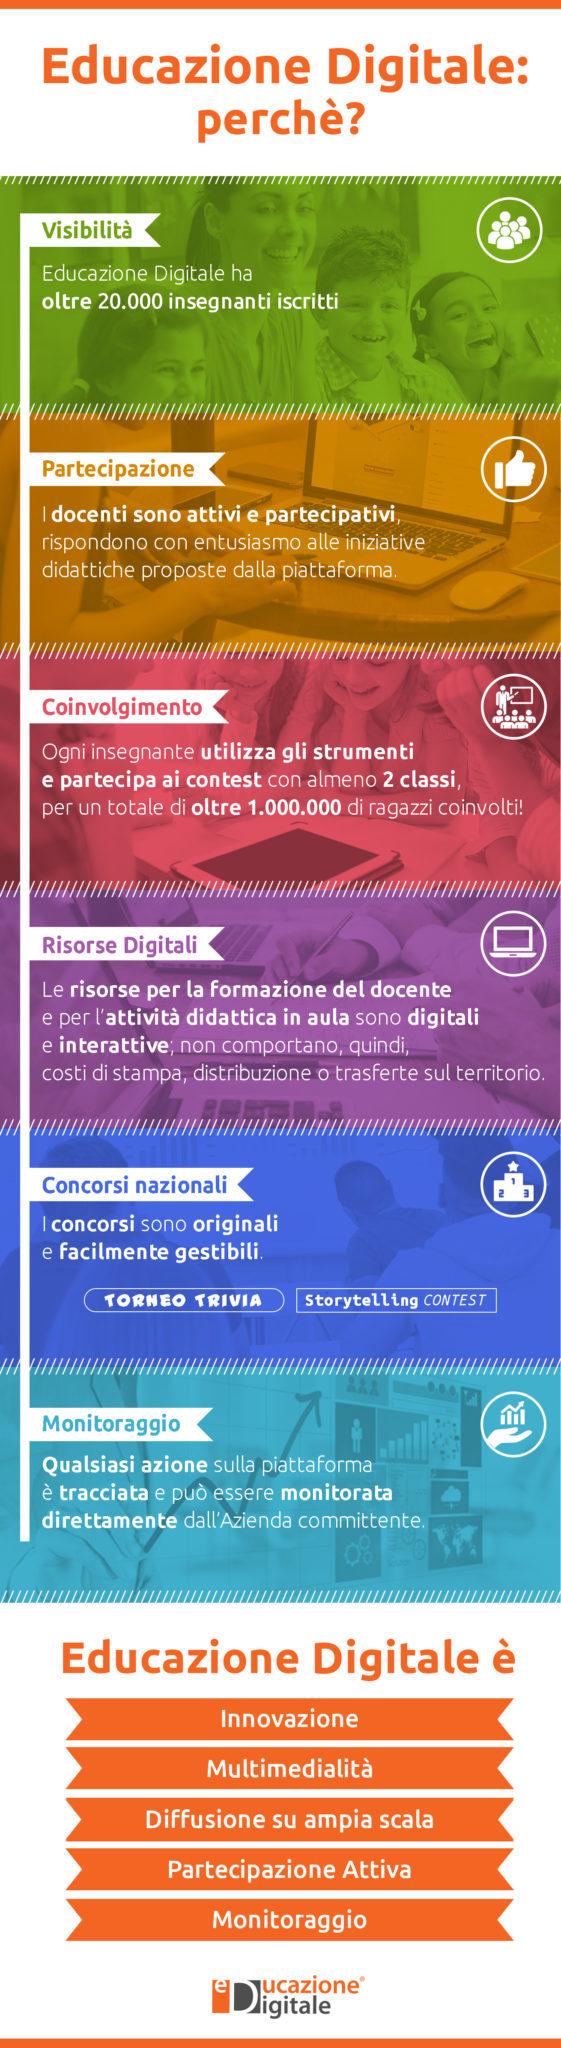 Educazione Digitale: perchè?